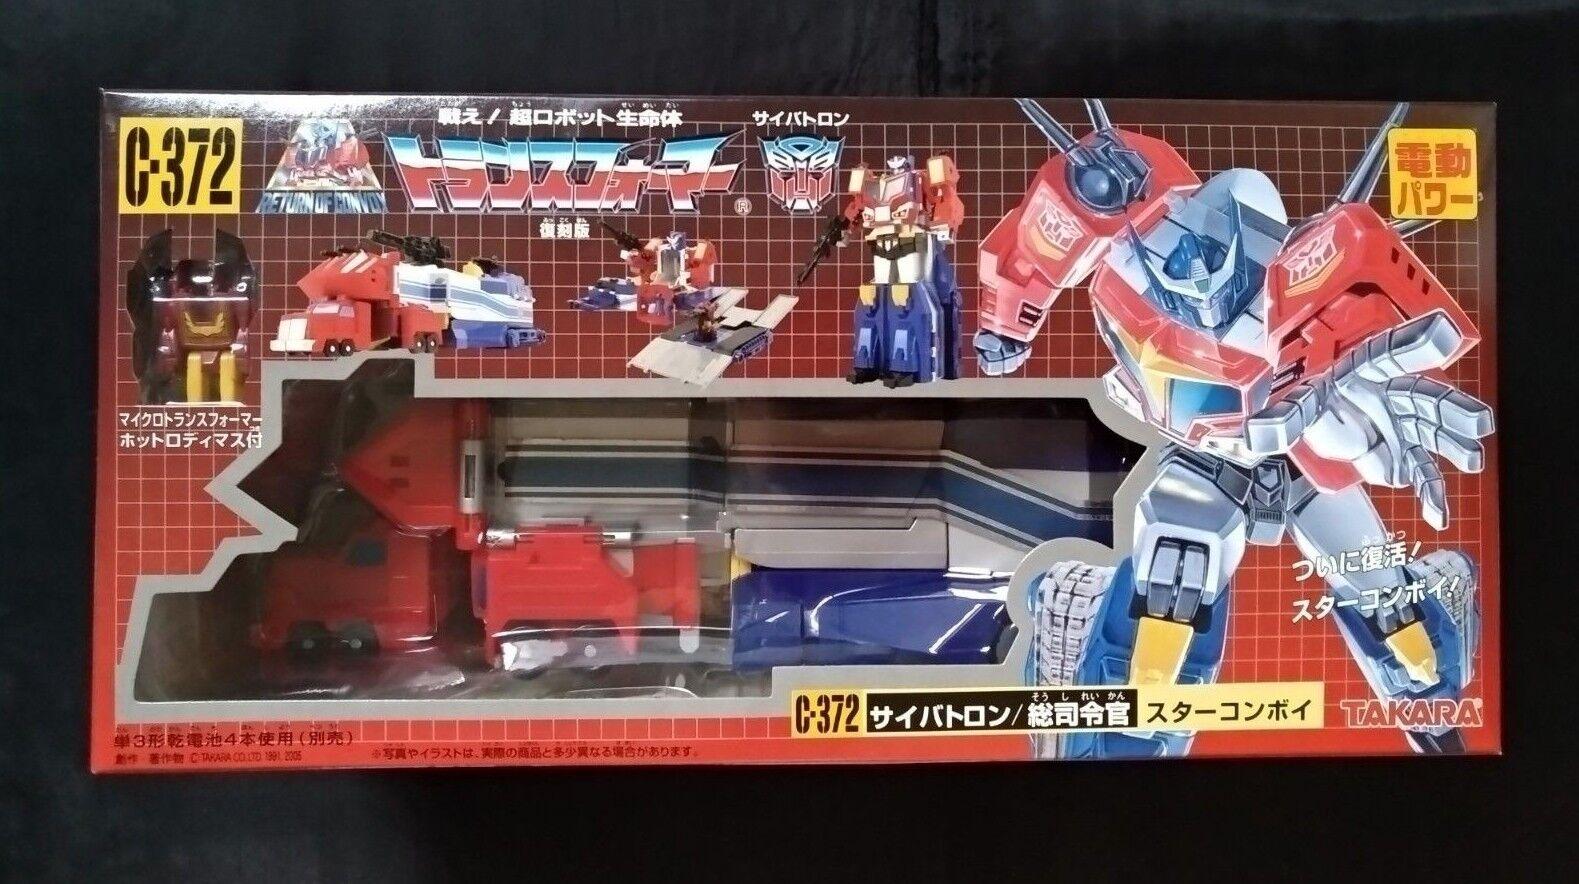 TRANSFORMERS STAR convoi C-372 Takara Optimus  Rodimus Autobot ANIME hommeGA  magnifique